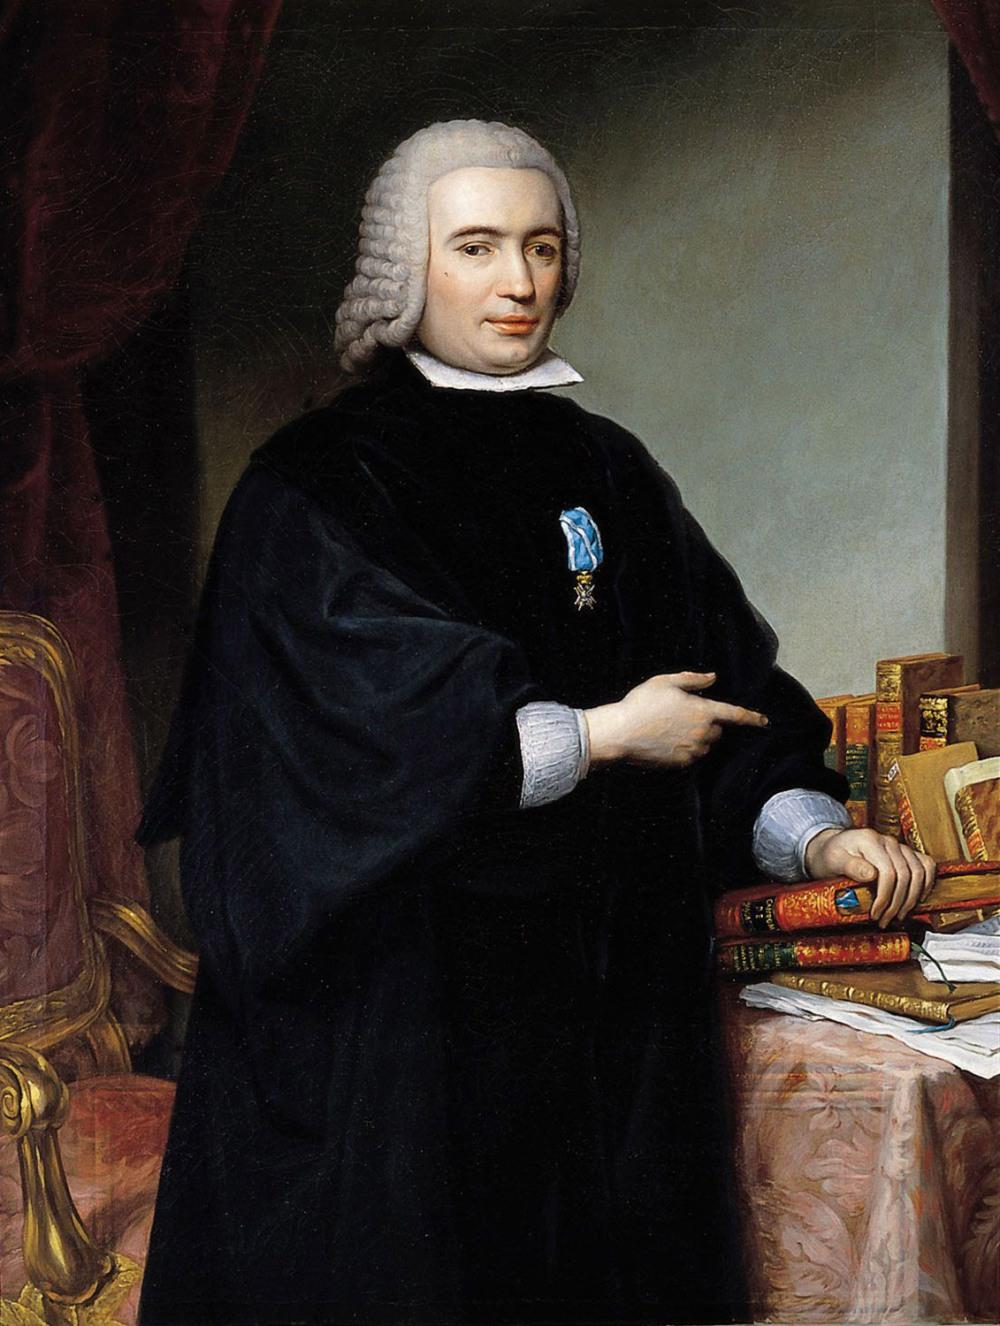 Francisco Bayeu y Subías. Pedro Rodríguez Campomanes, primer conde de Campomanes. 1777. Real Academia de la Historia. Madrid.